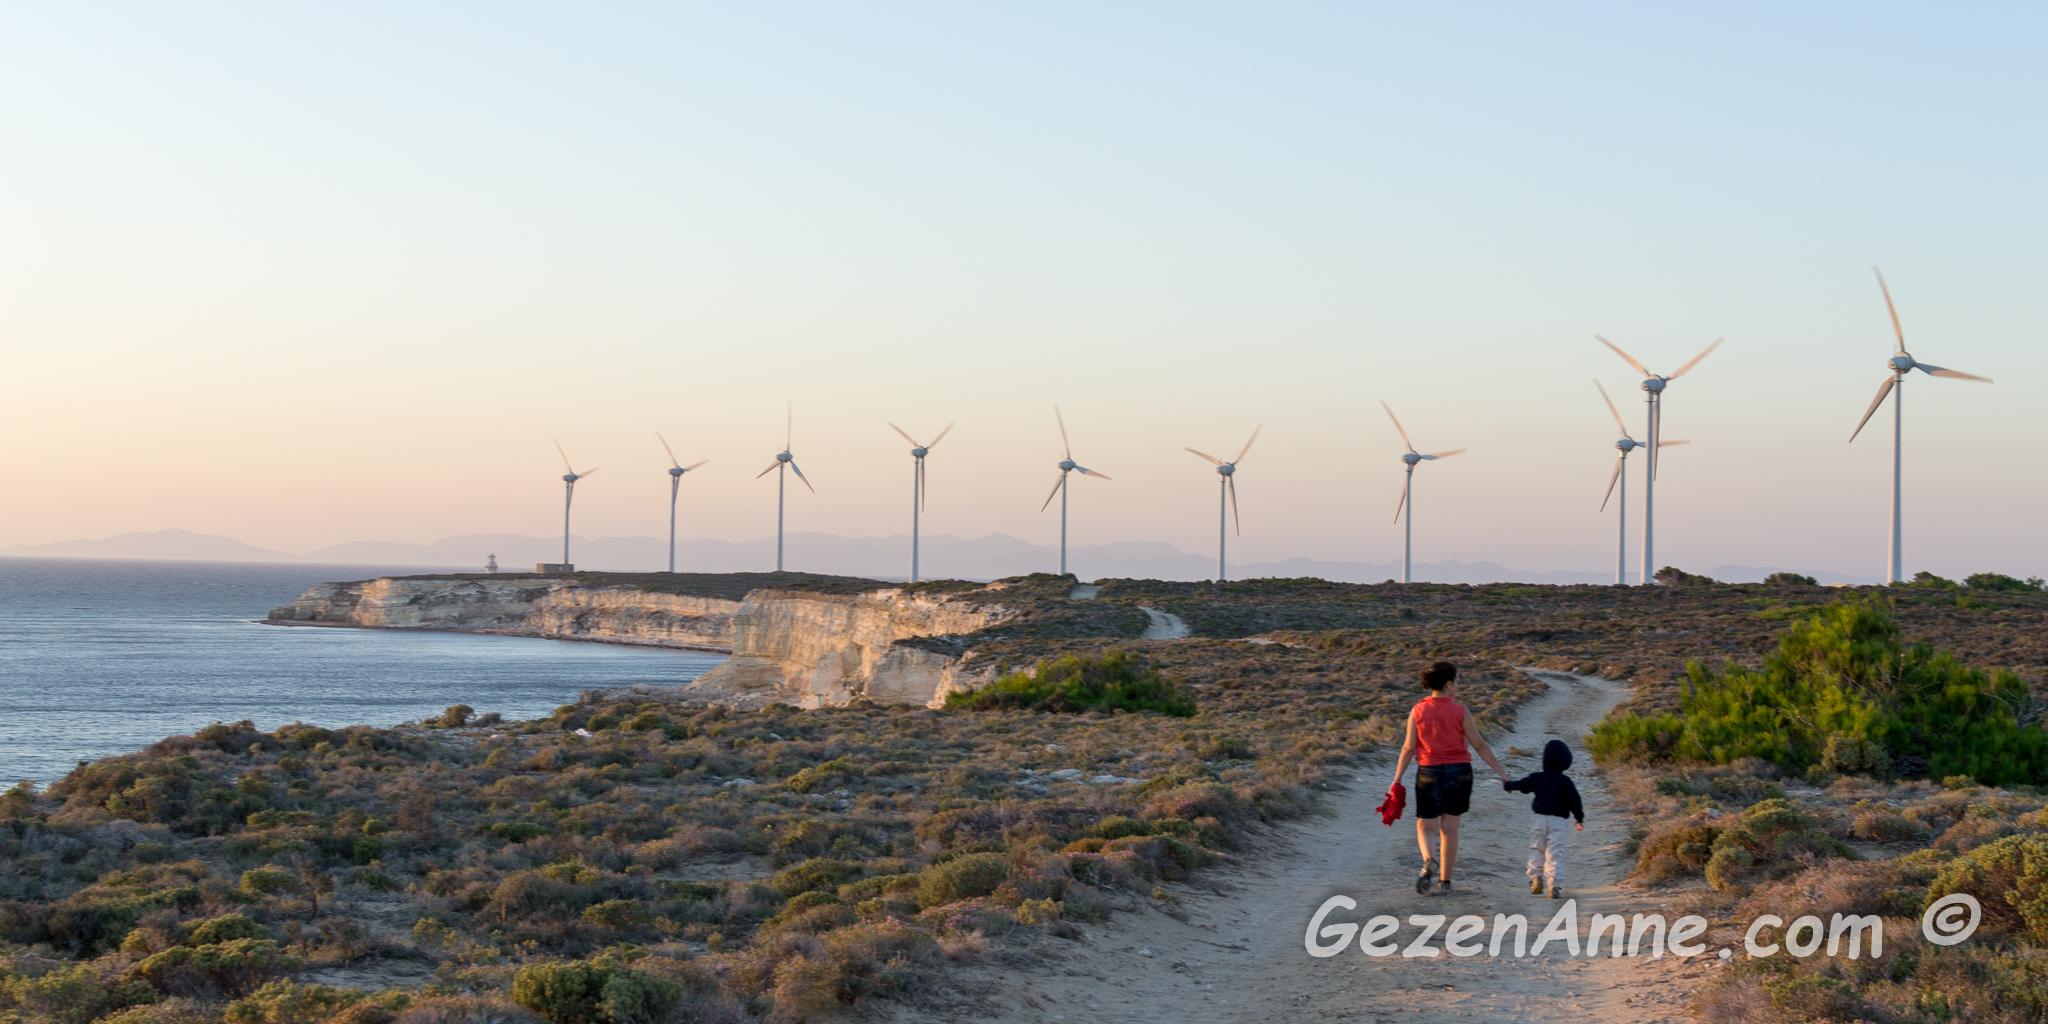 Bozcaada'da, rüzgar gülleri sağımızda, Polente'ye doğru yürürken